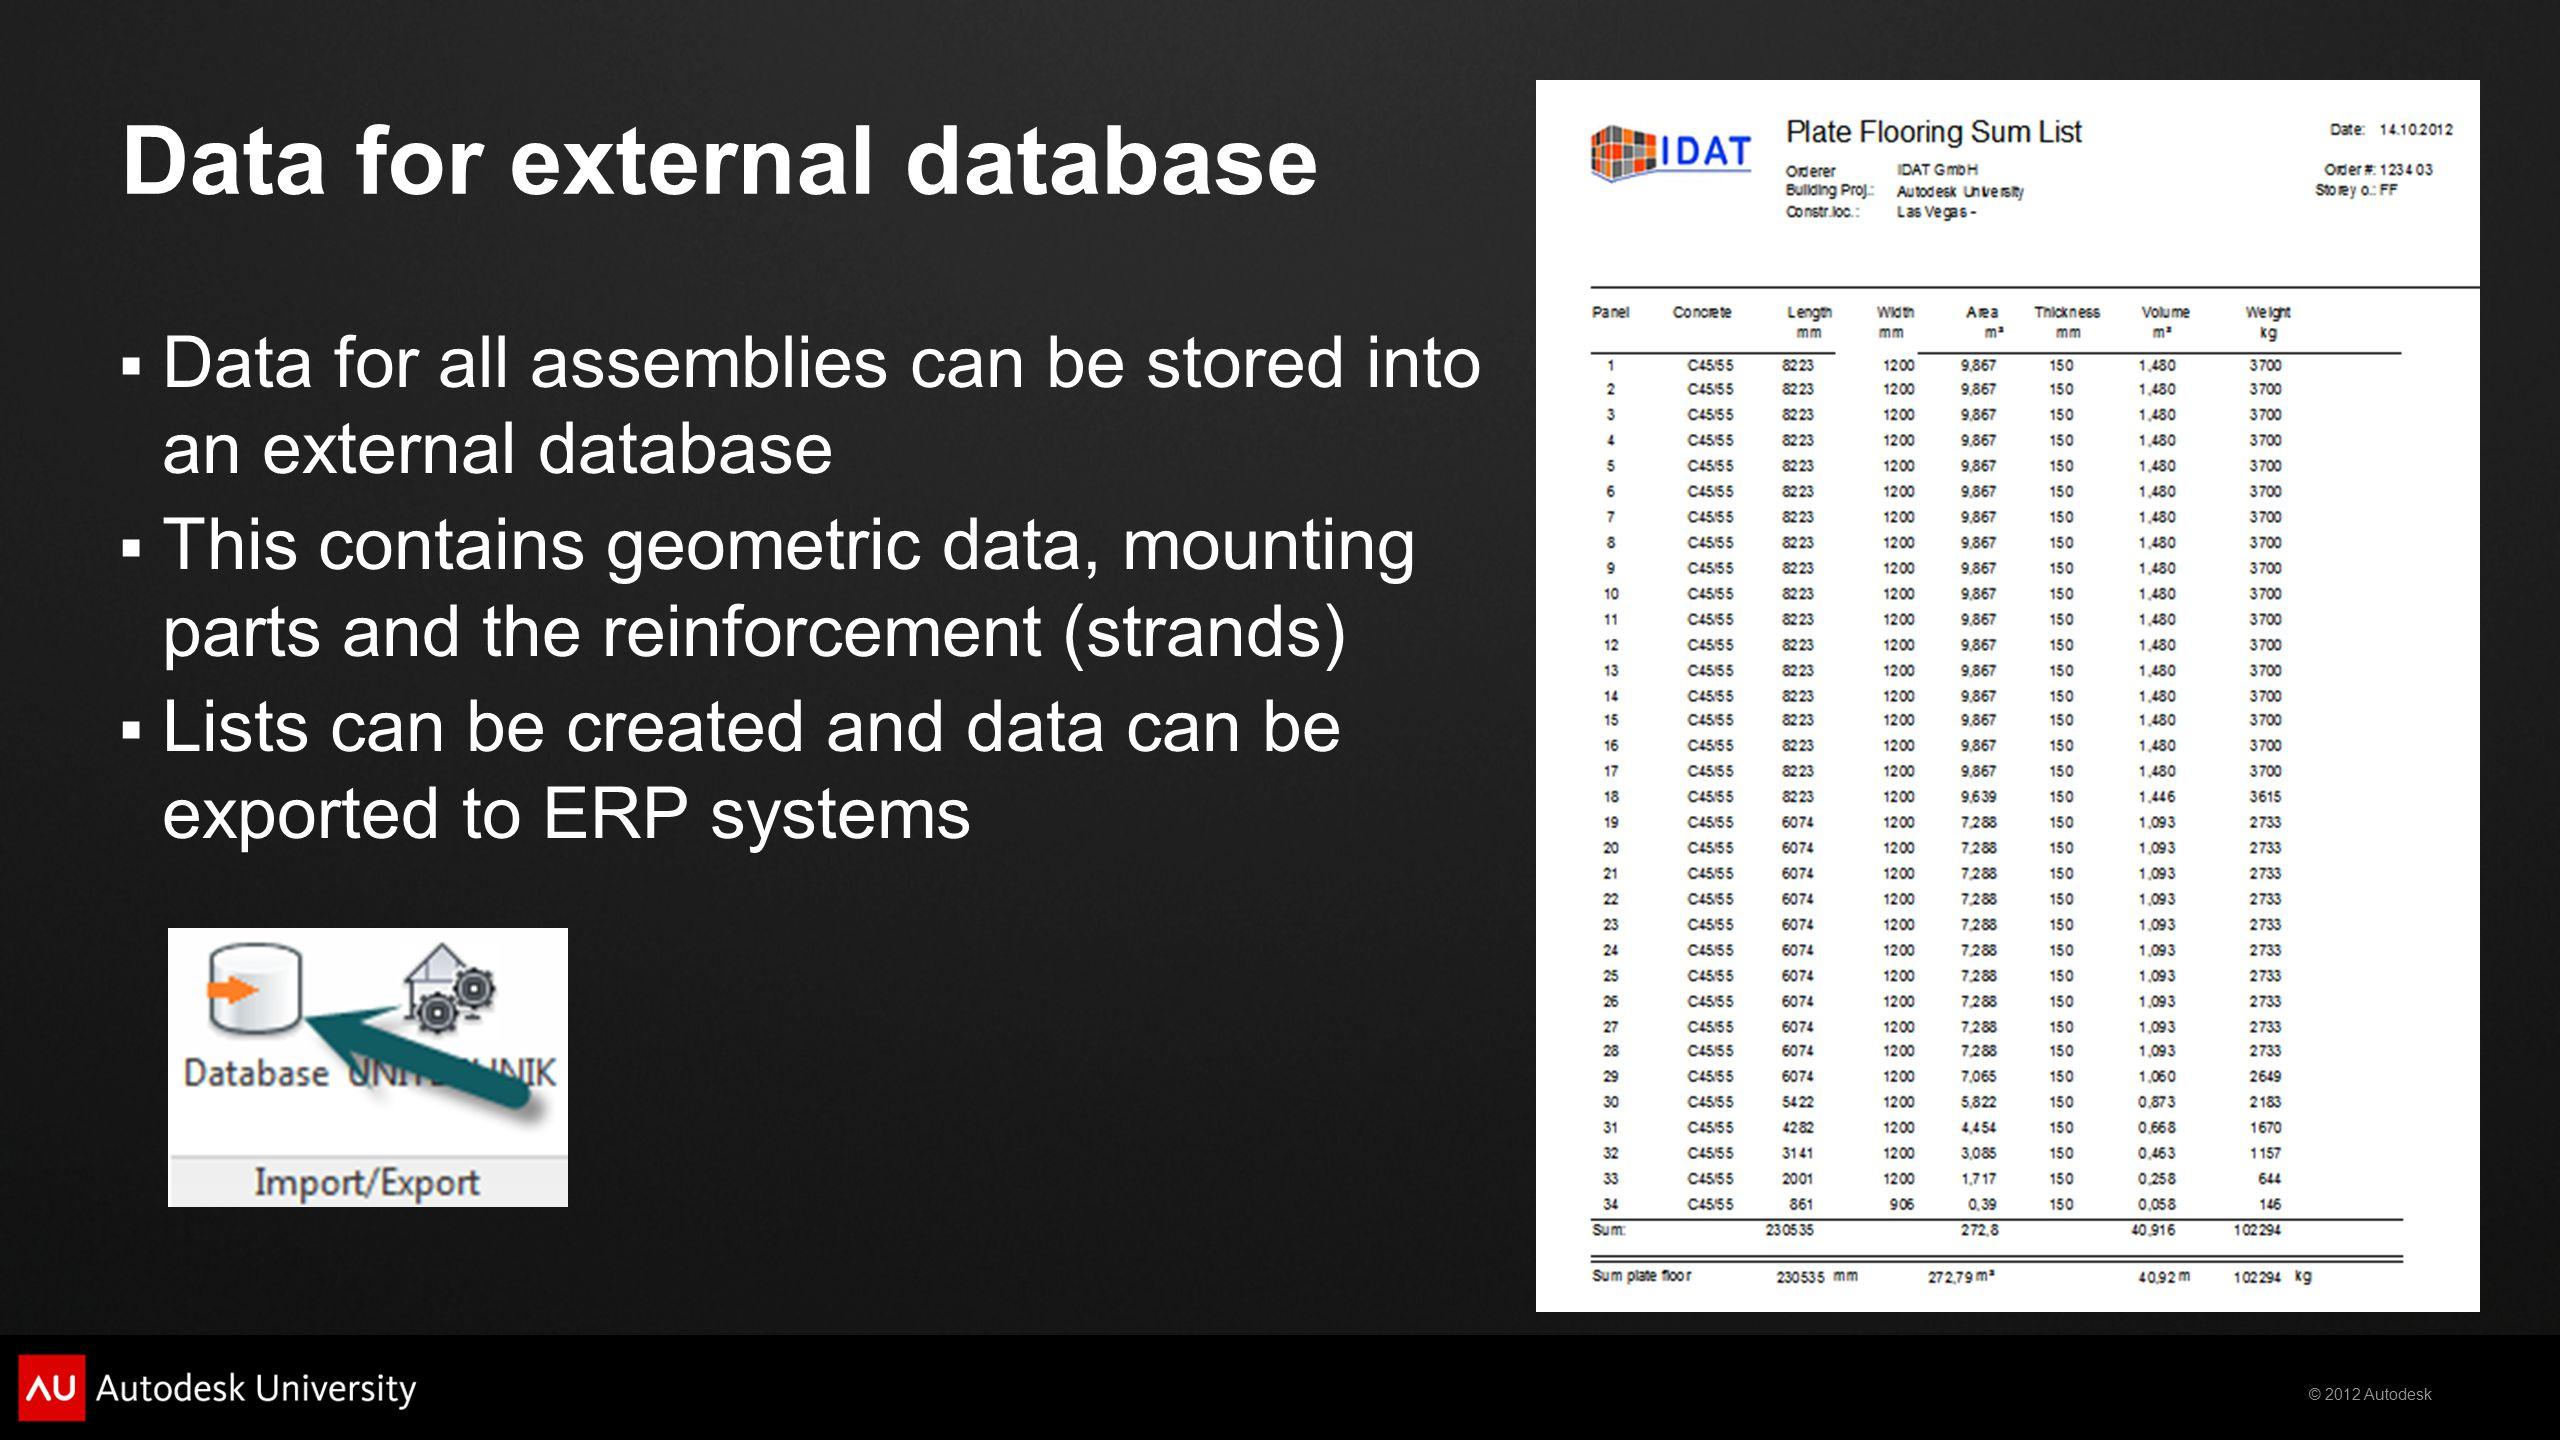 Data for external database